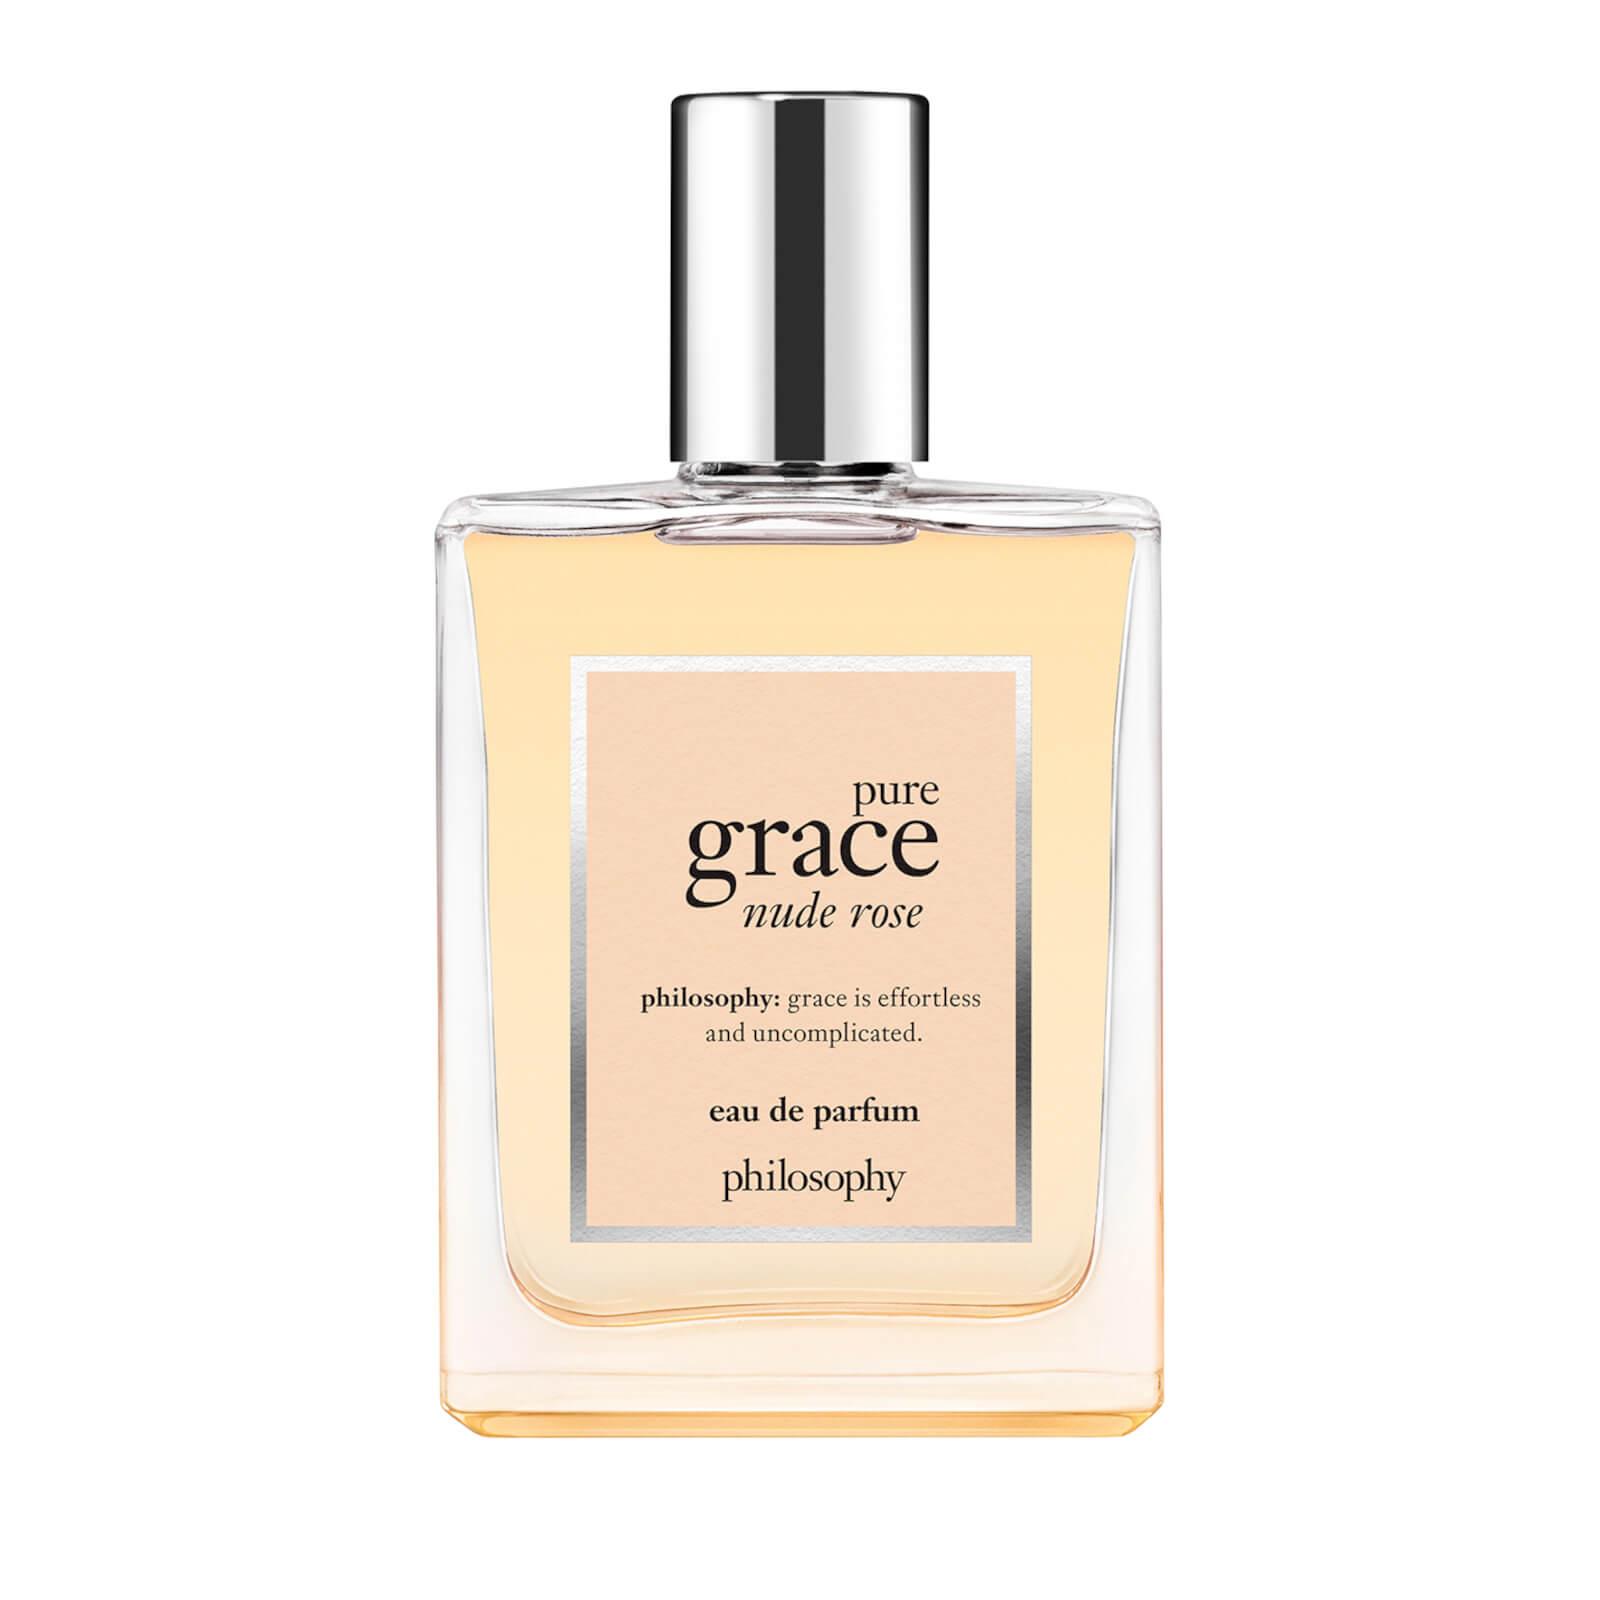 philosophy Pure Grace Nude Rose Eau de Parfum 60ml Snabb